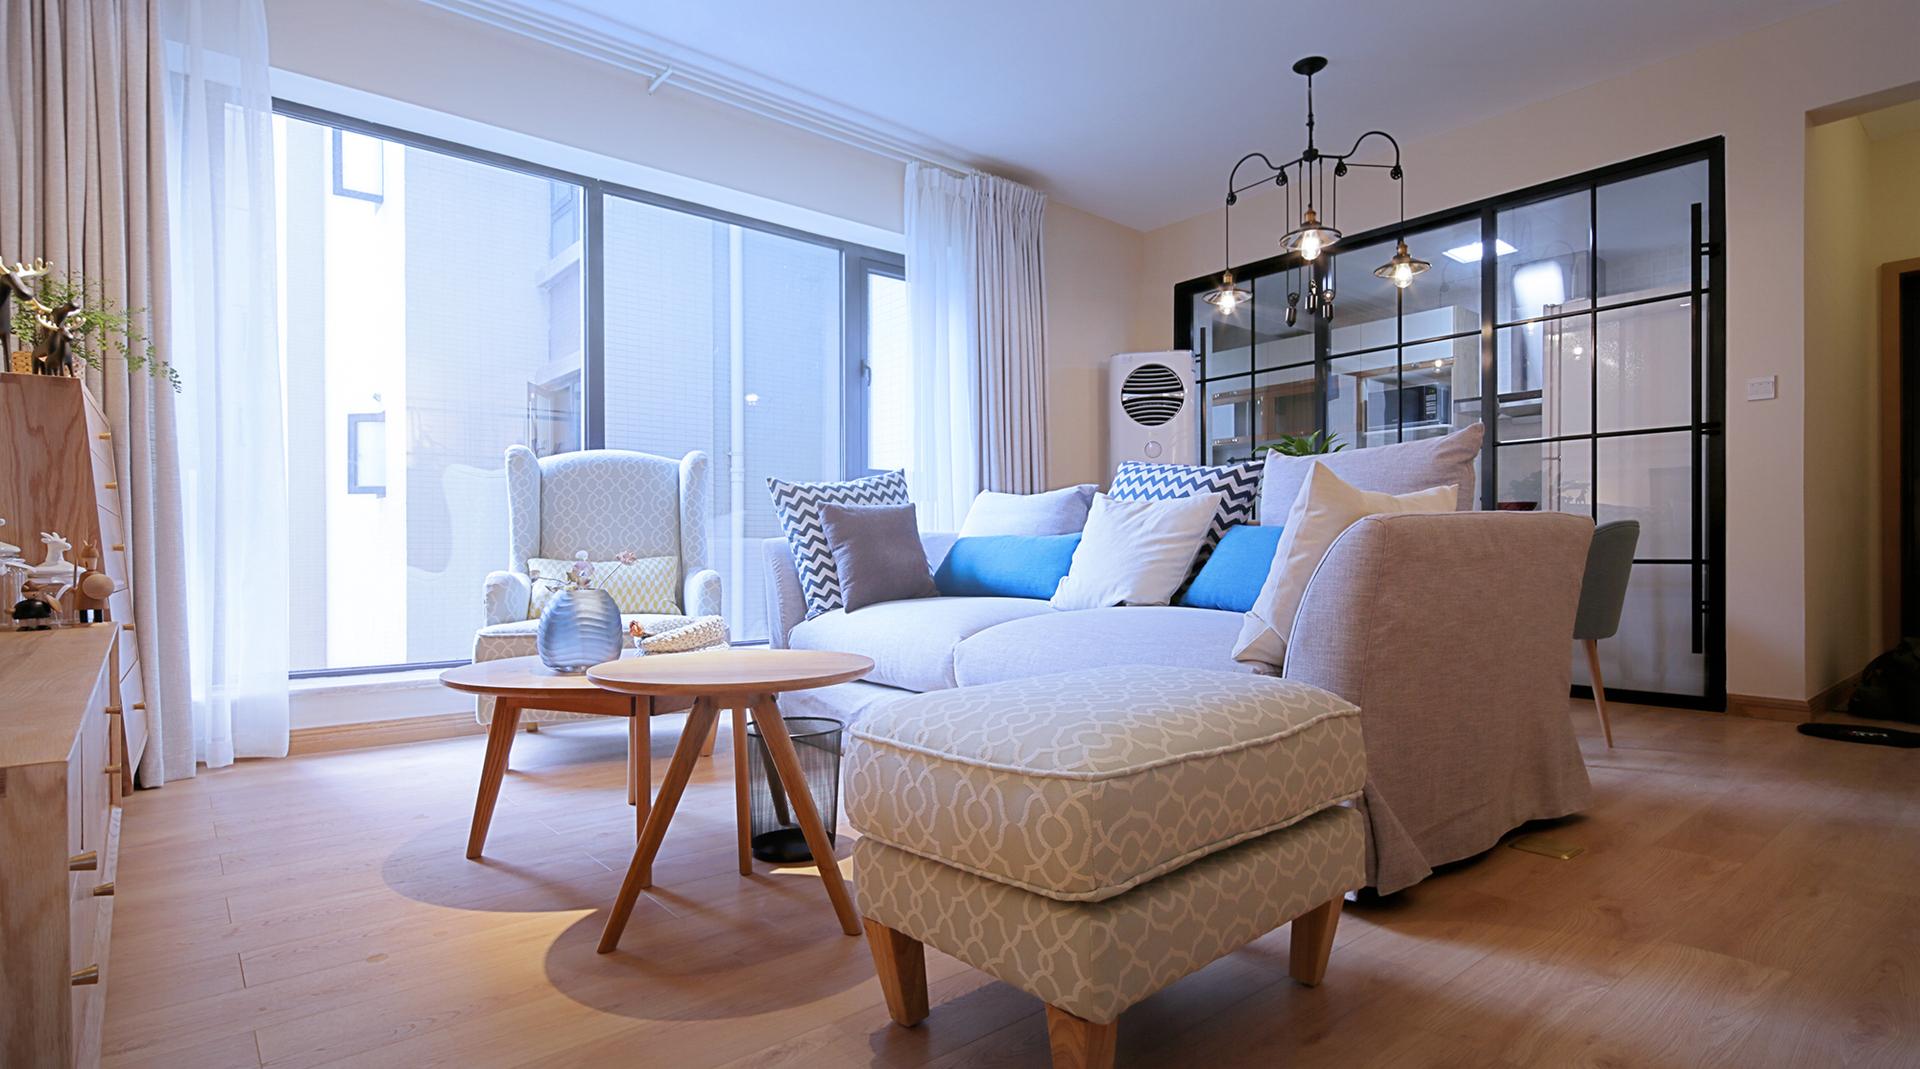 中粮香颂丽都-85平米公寓a公寓王道-谷居家居装修下拉哈尔滨门面装修风格设计棒图片